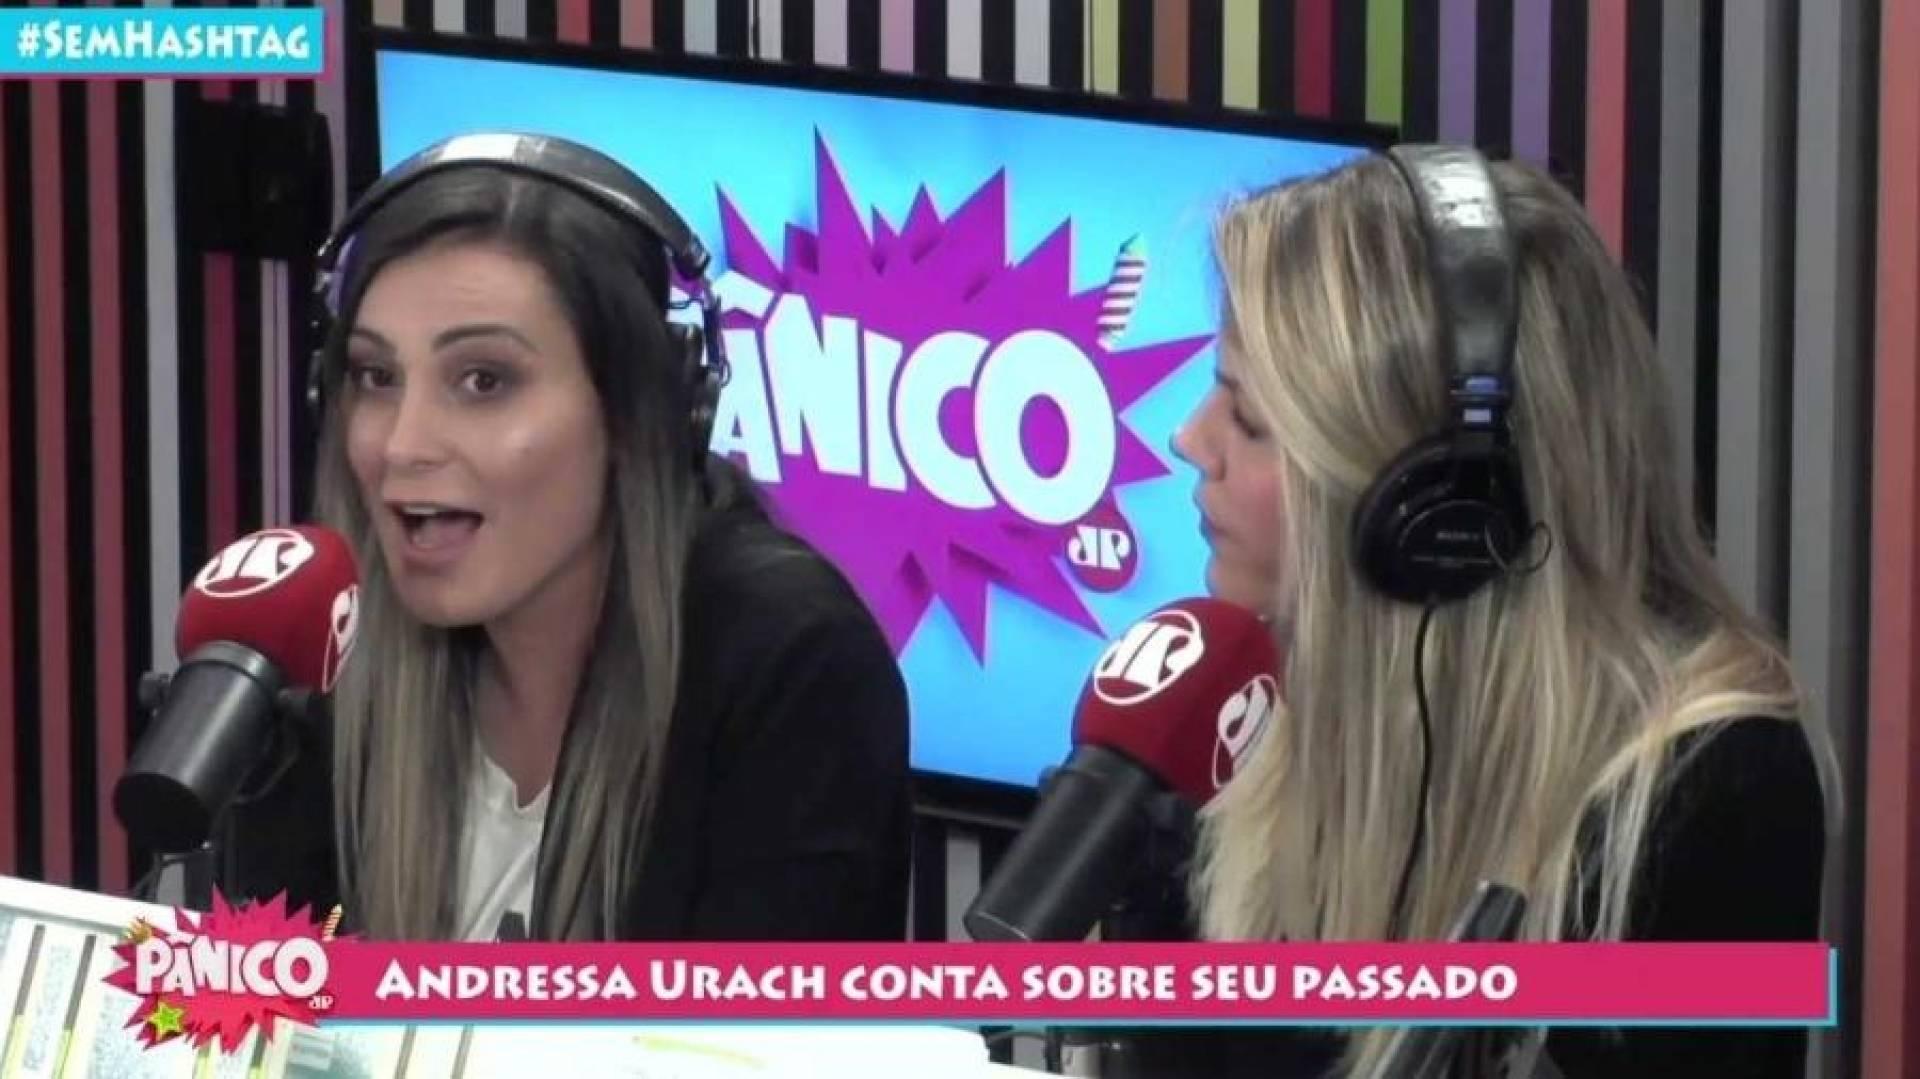 Andressa Urach Video Nua jornal ação popular | portal de notícias do vale do são